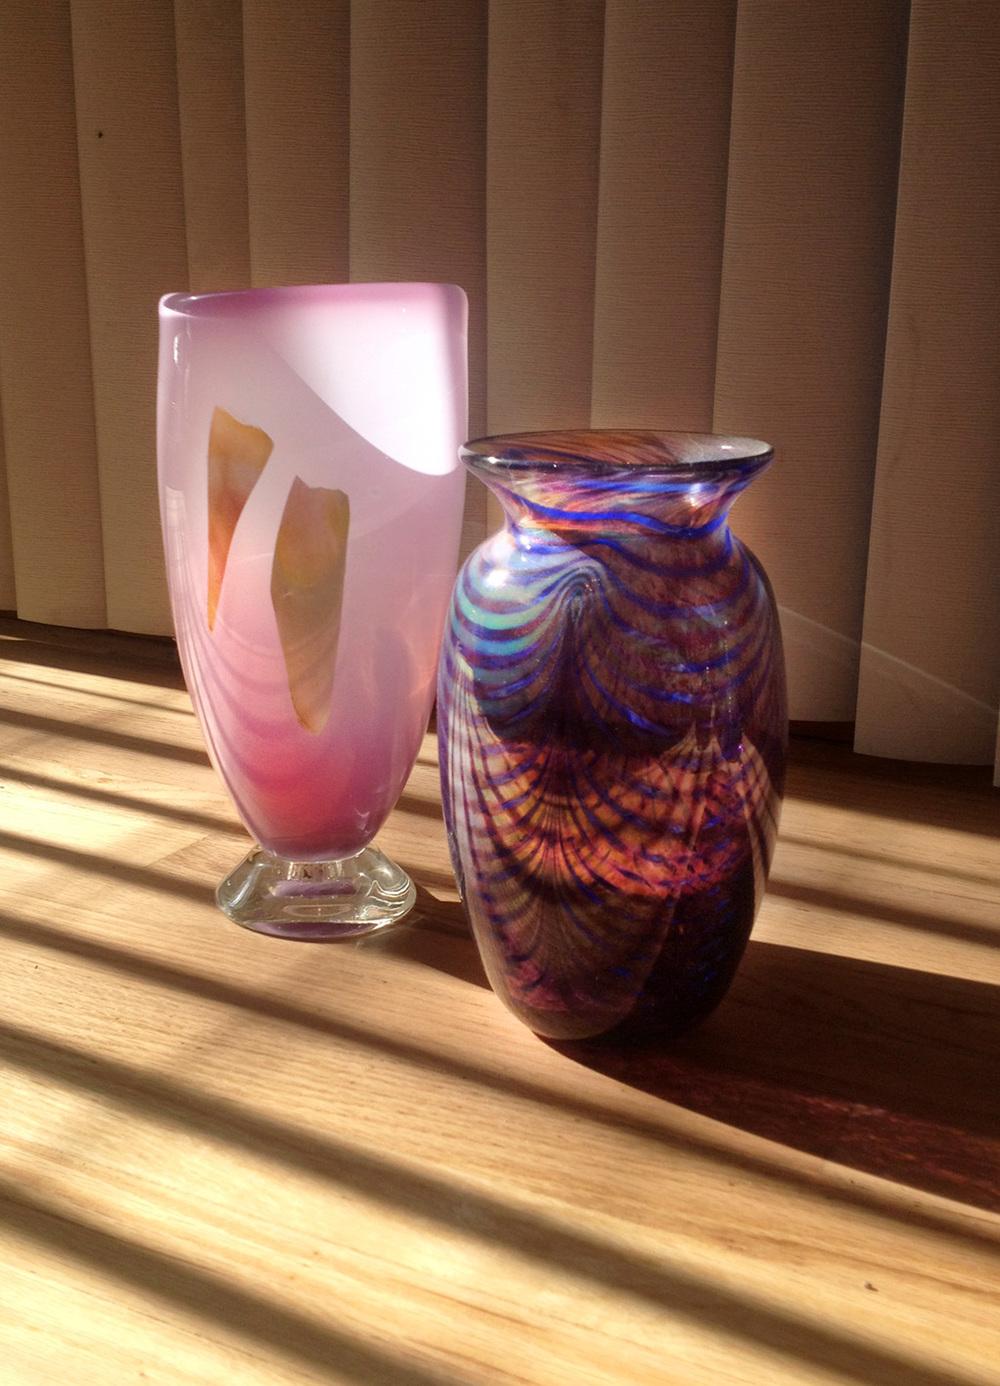 vases_4_pink.jpg